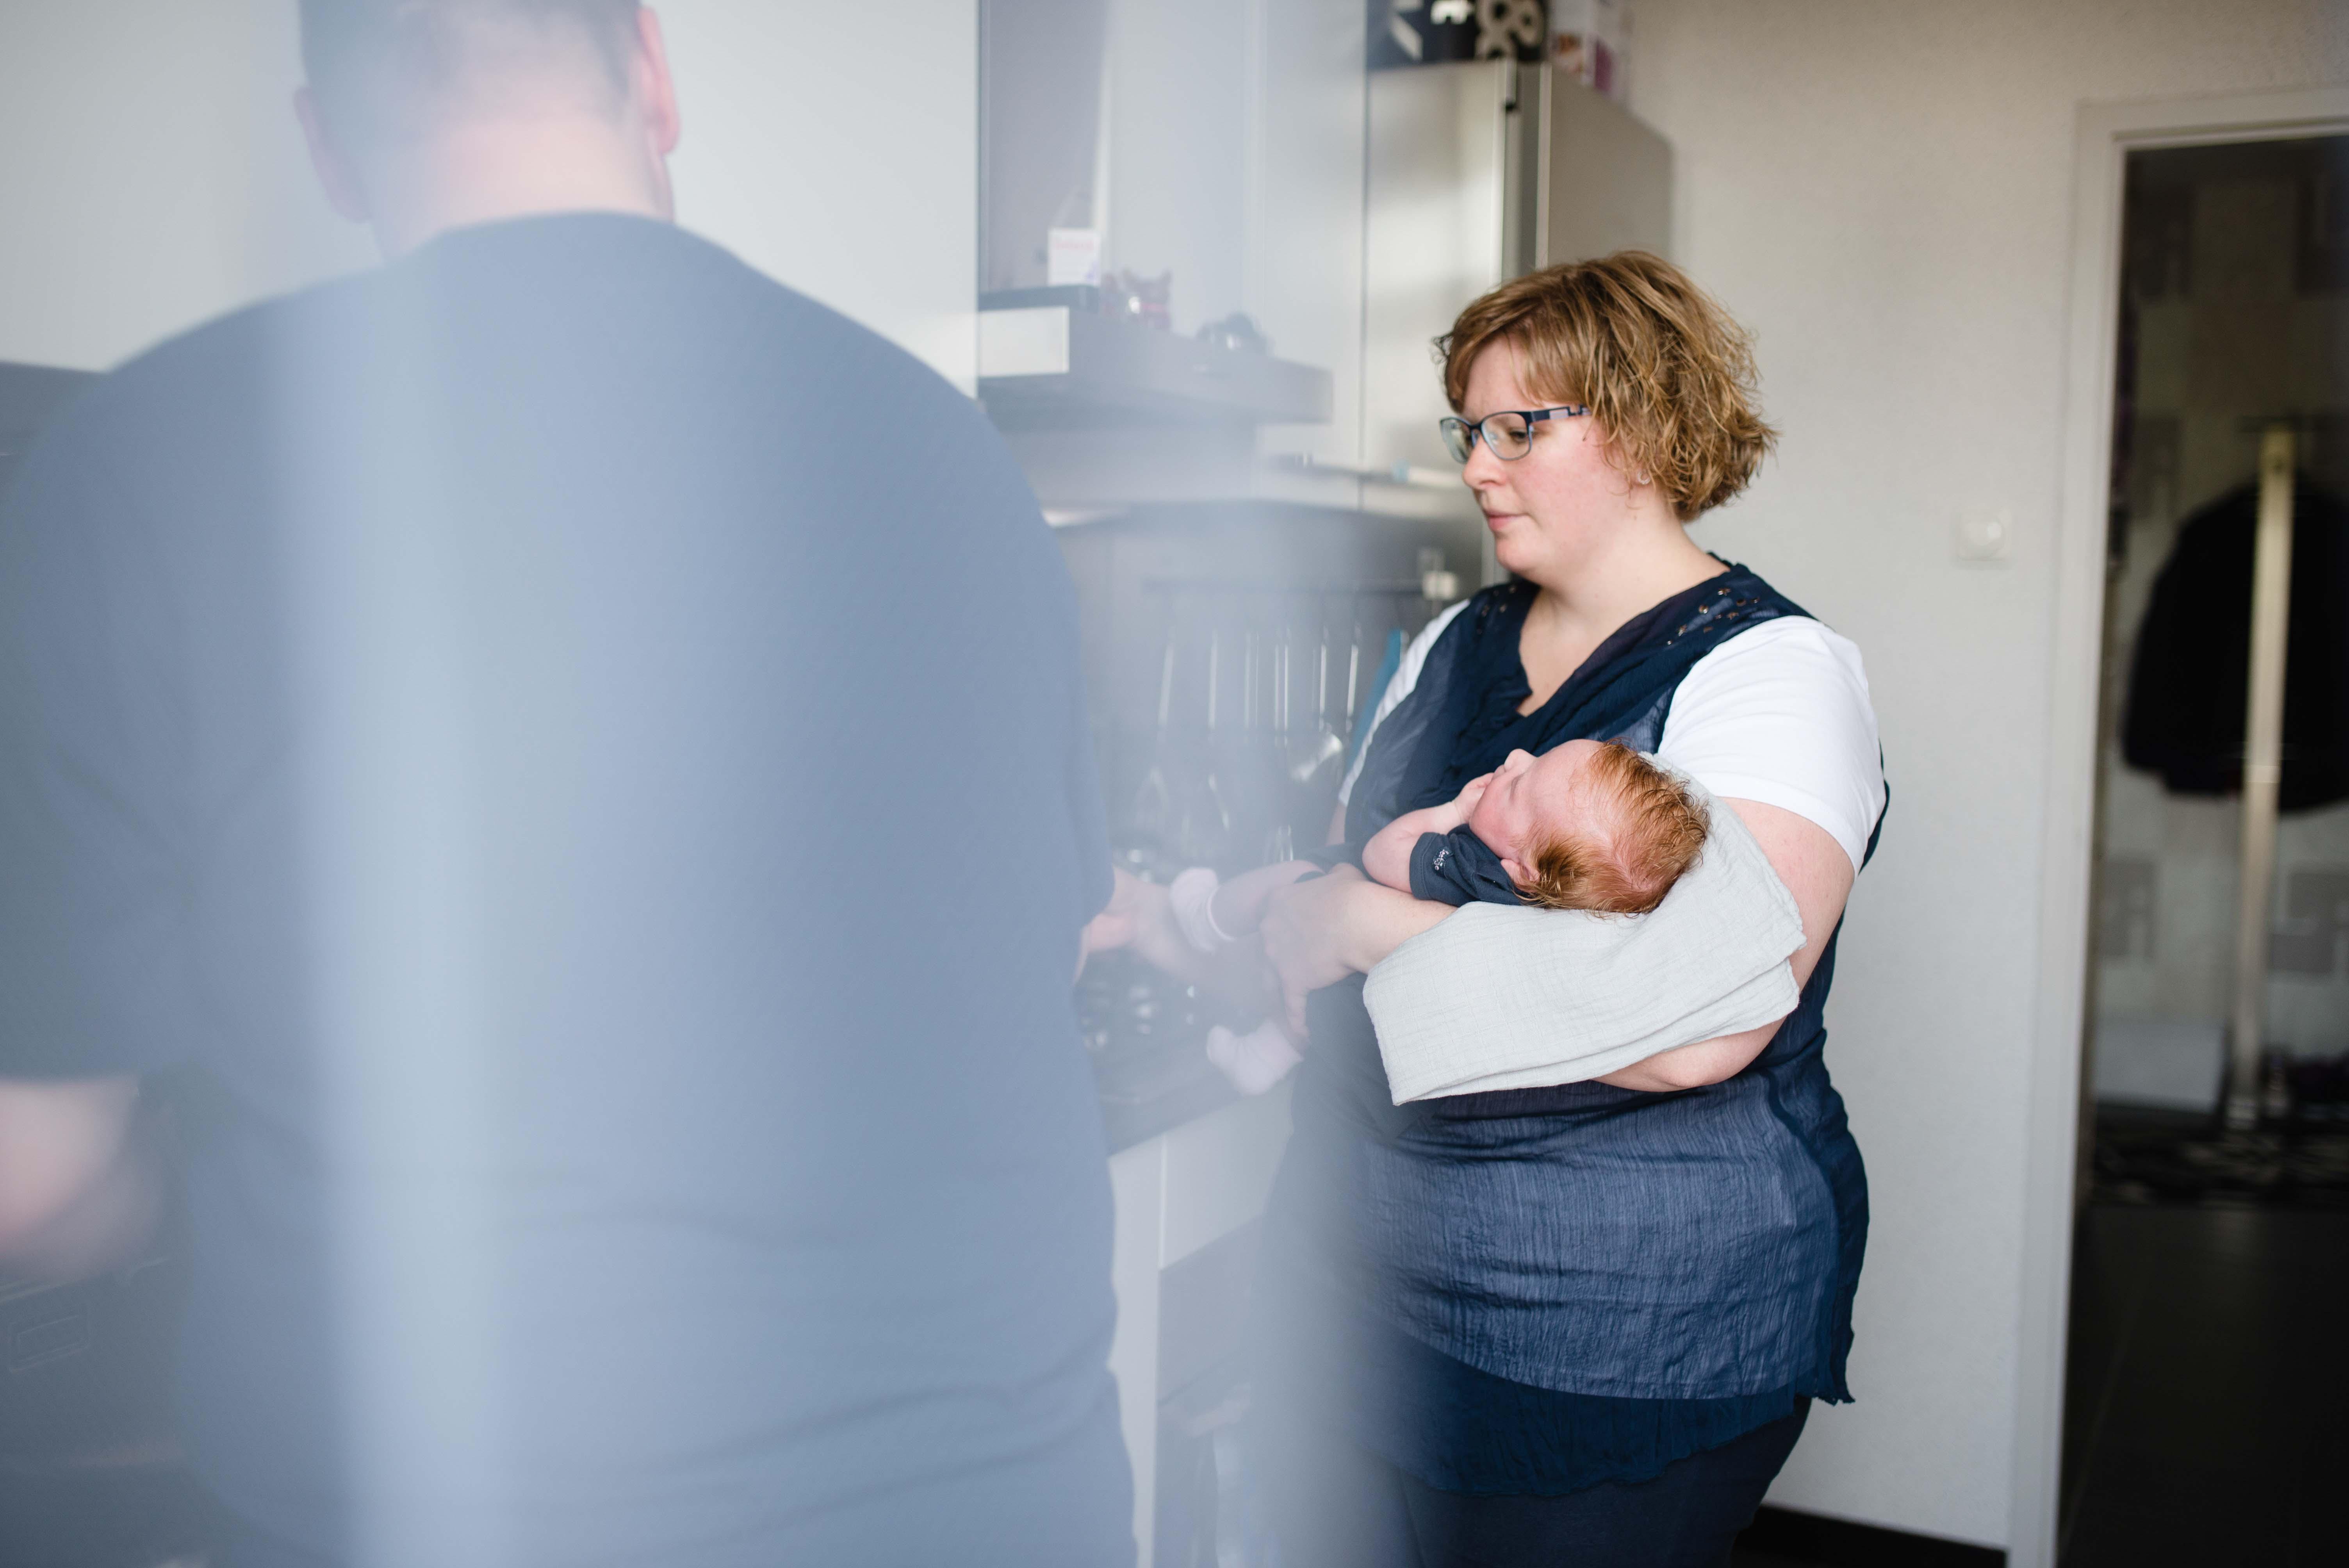 Lieve baby Lieke door Laurie Karine de fotograaf uit Oud-Beijerland (2 van 23)